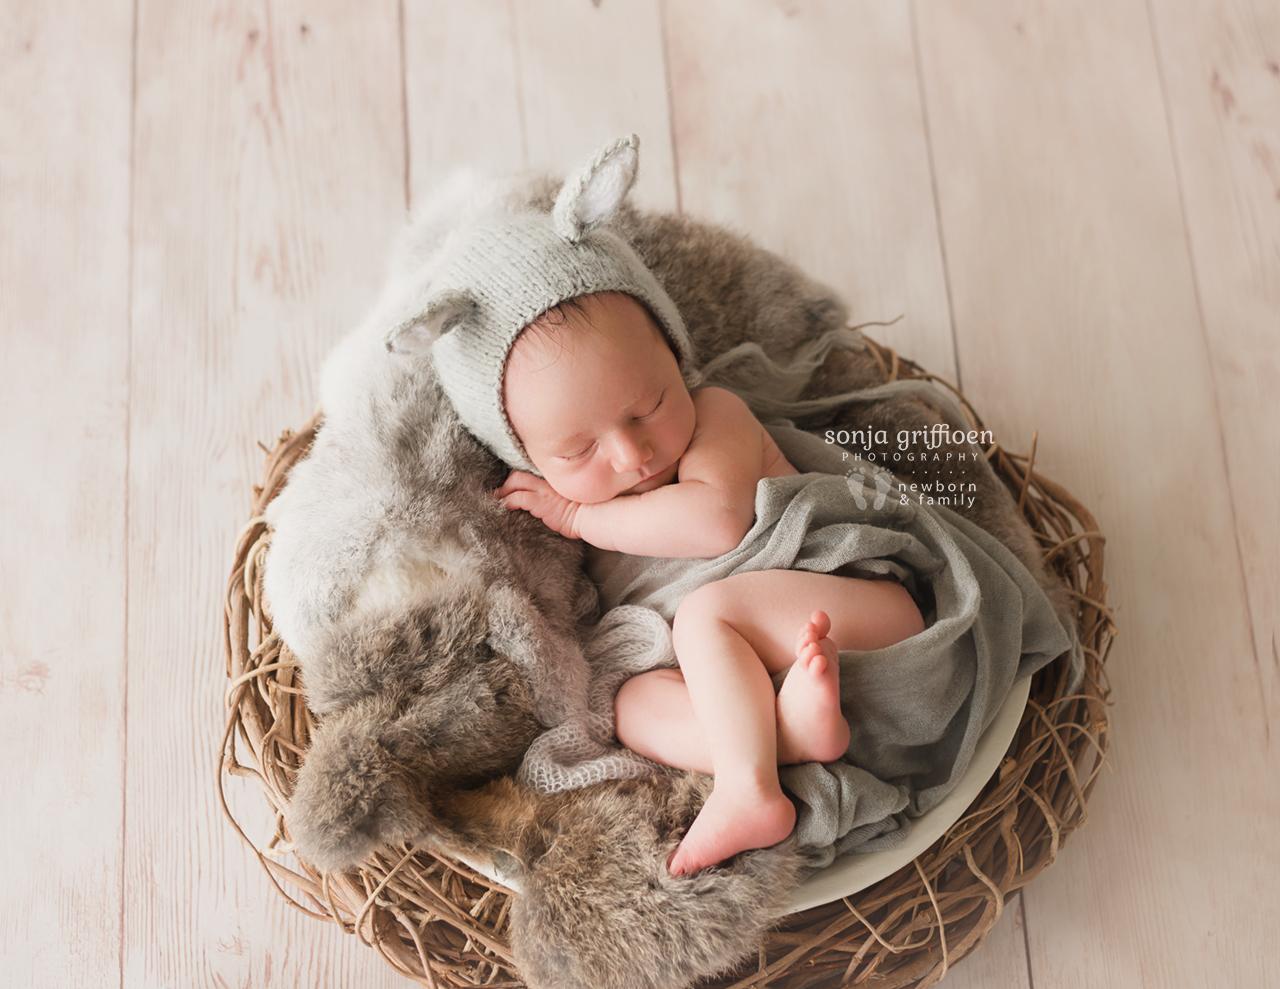 Oliver-Newborn-Brisbane-Newborn-Photographer-Sonja-Griffioen-07.jpg